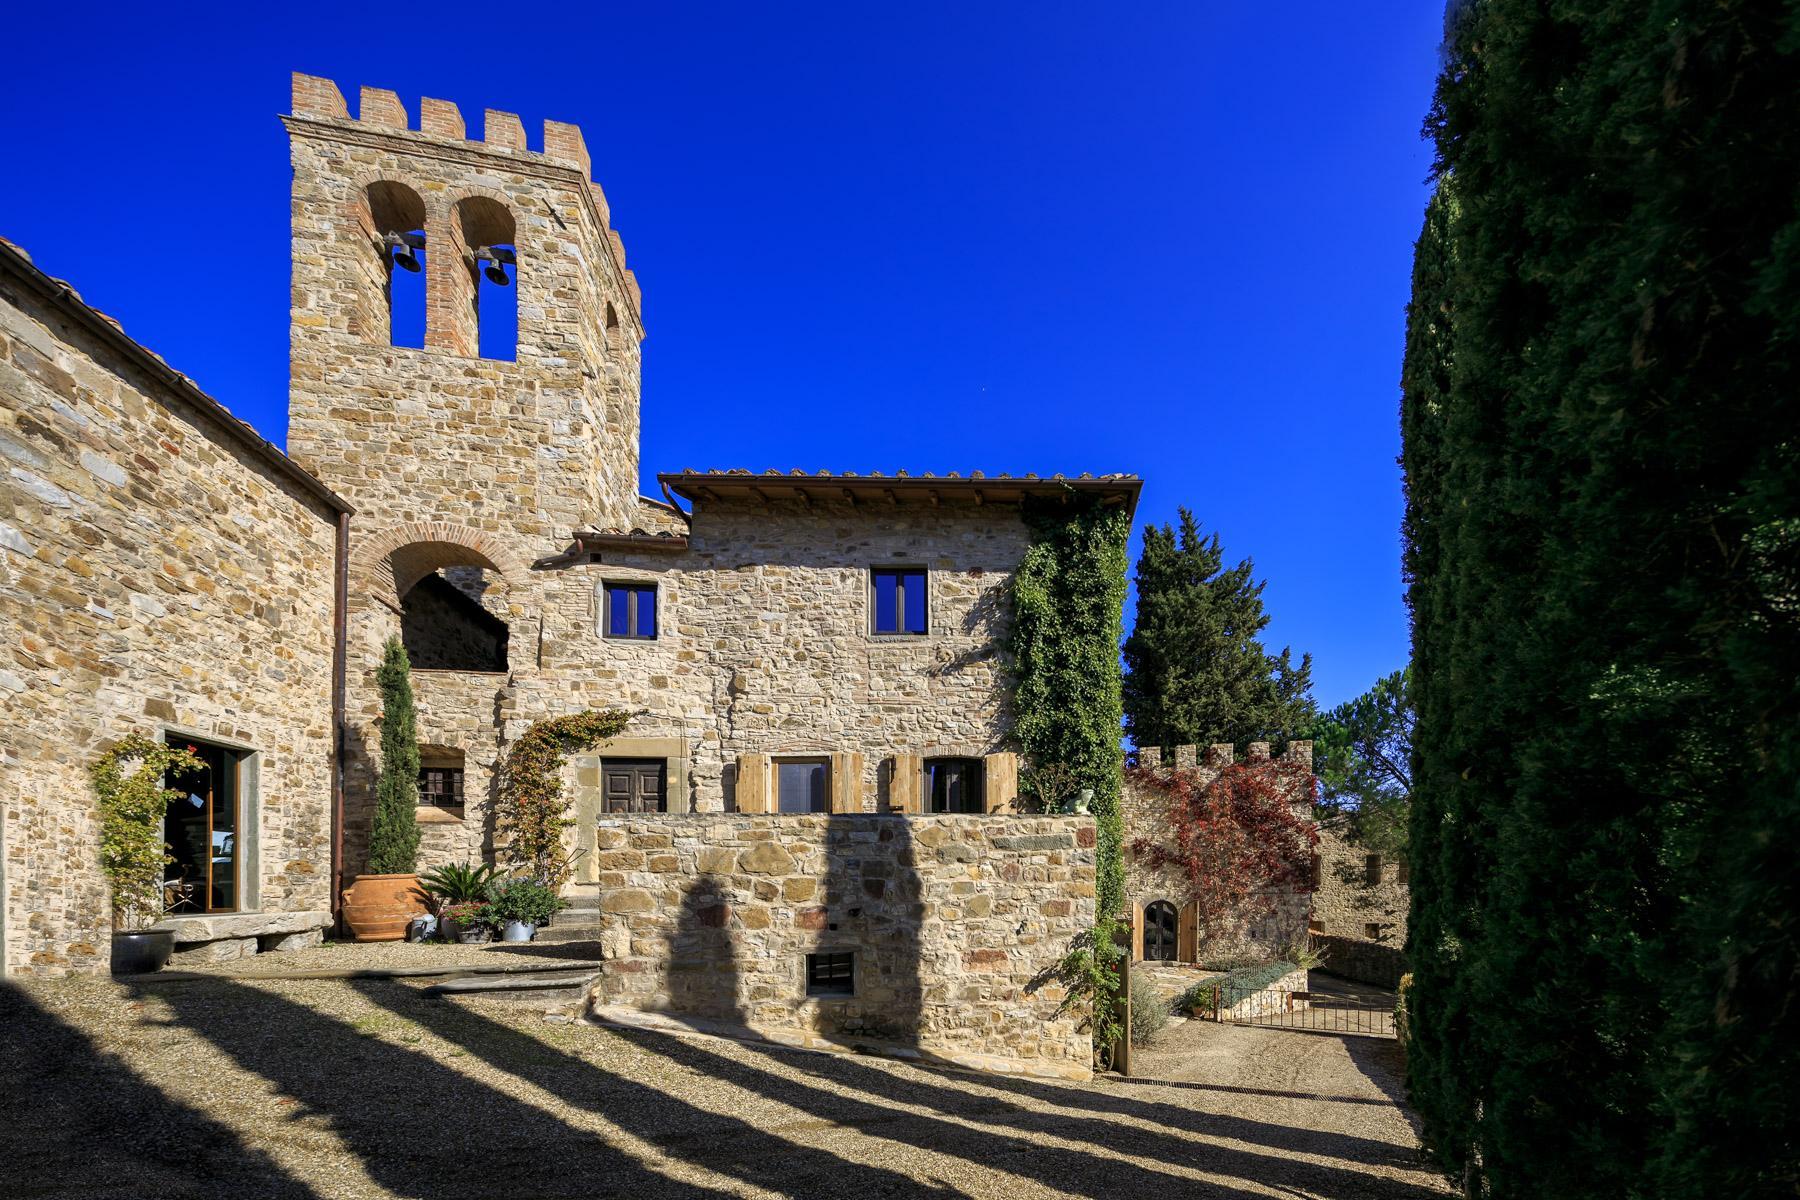 Schloss in der Nàhe von Radda in Chianti - 3